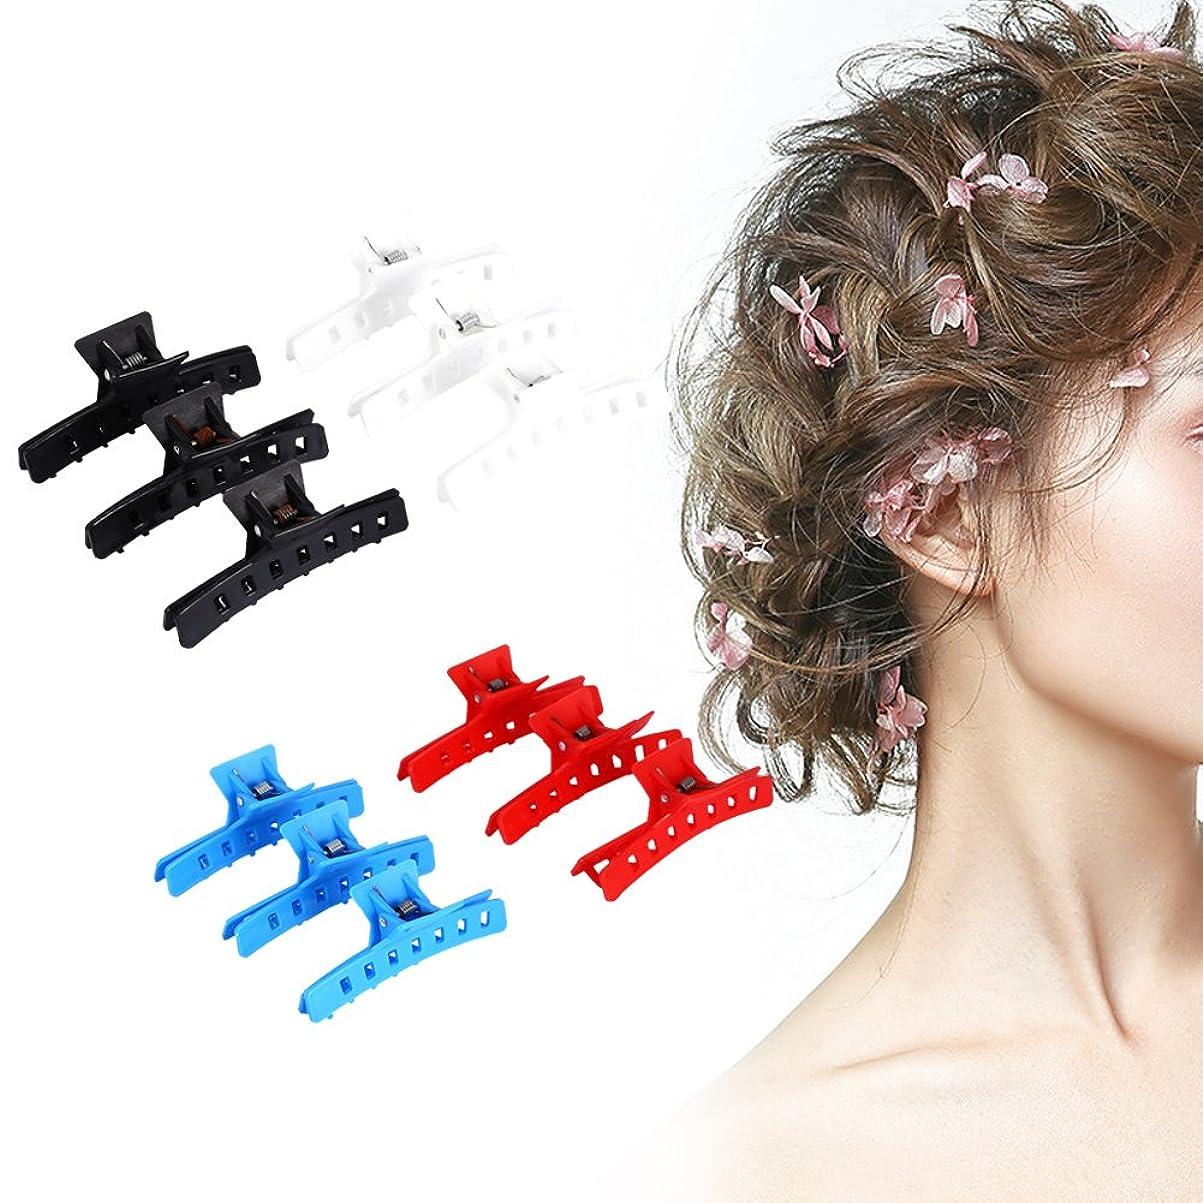 形式空いている強化12PCSサロンプラスチック製のヘアクロークリップクランプヘアピンヘアスタイルスタイリングアクセサリーツール